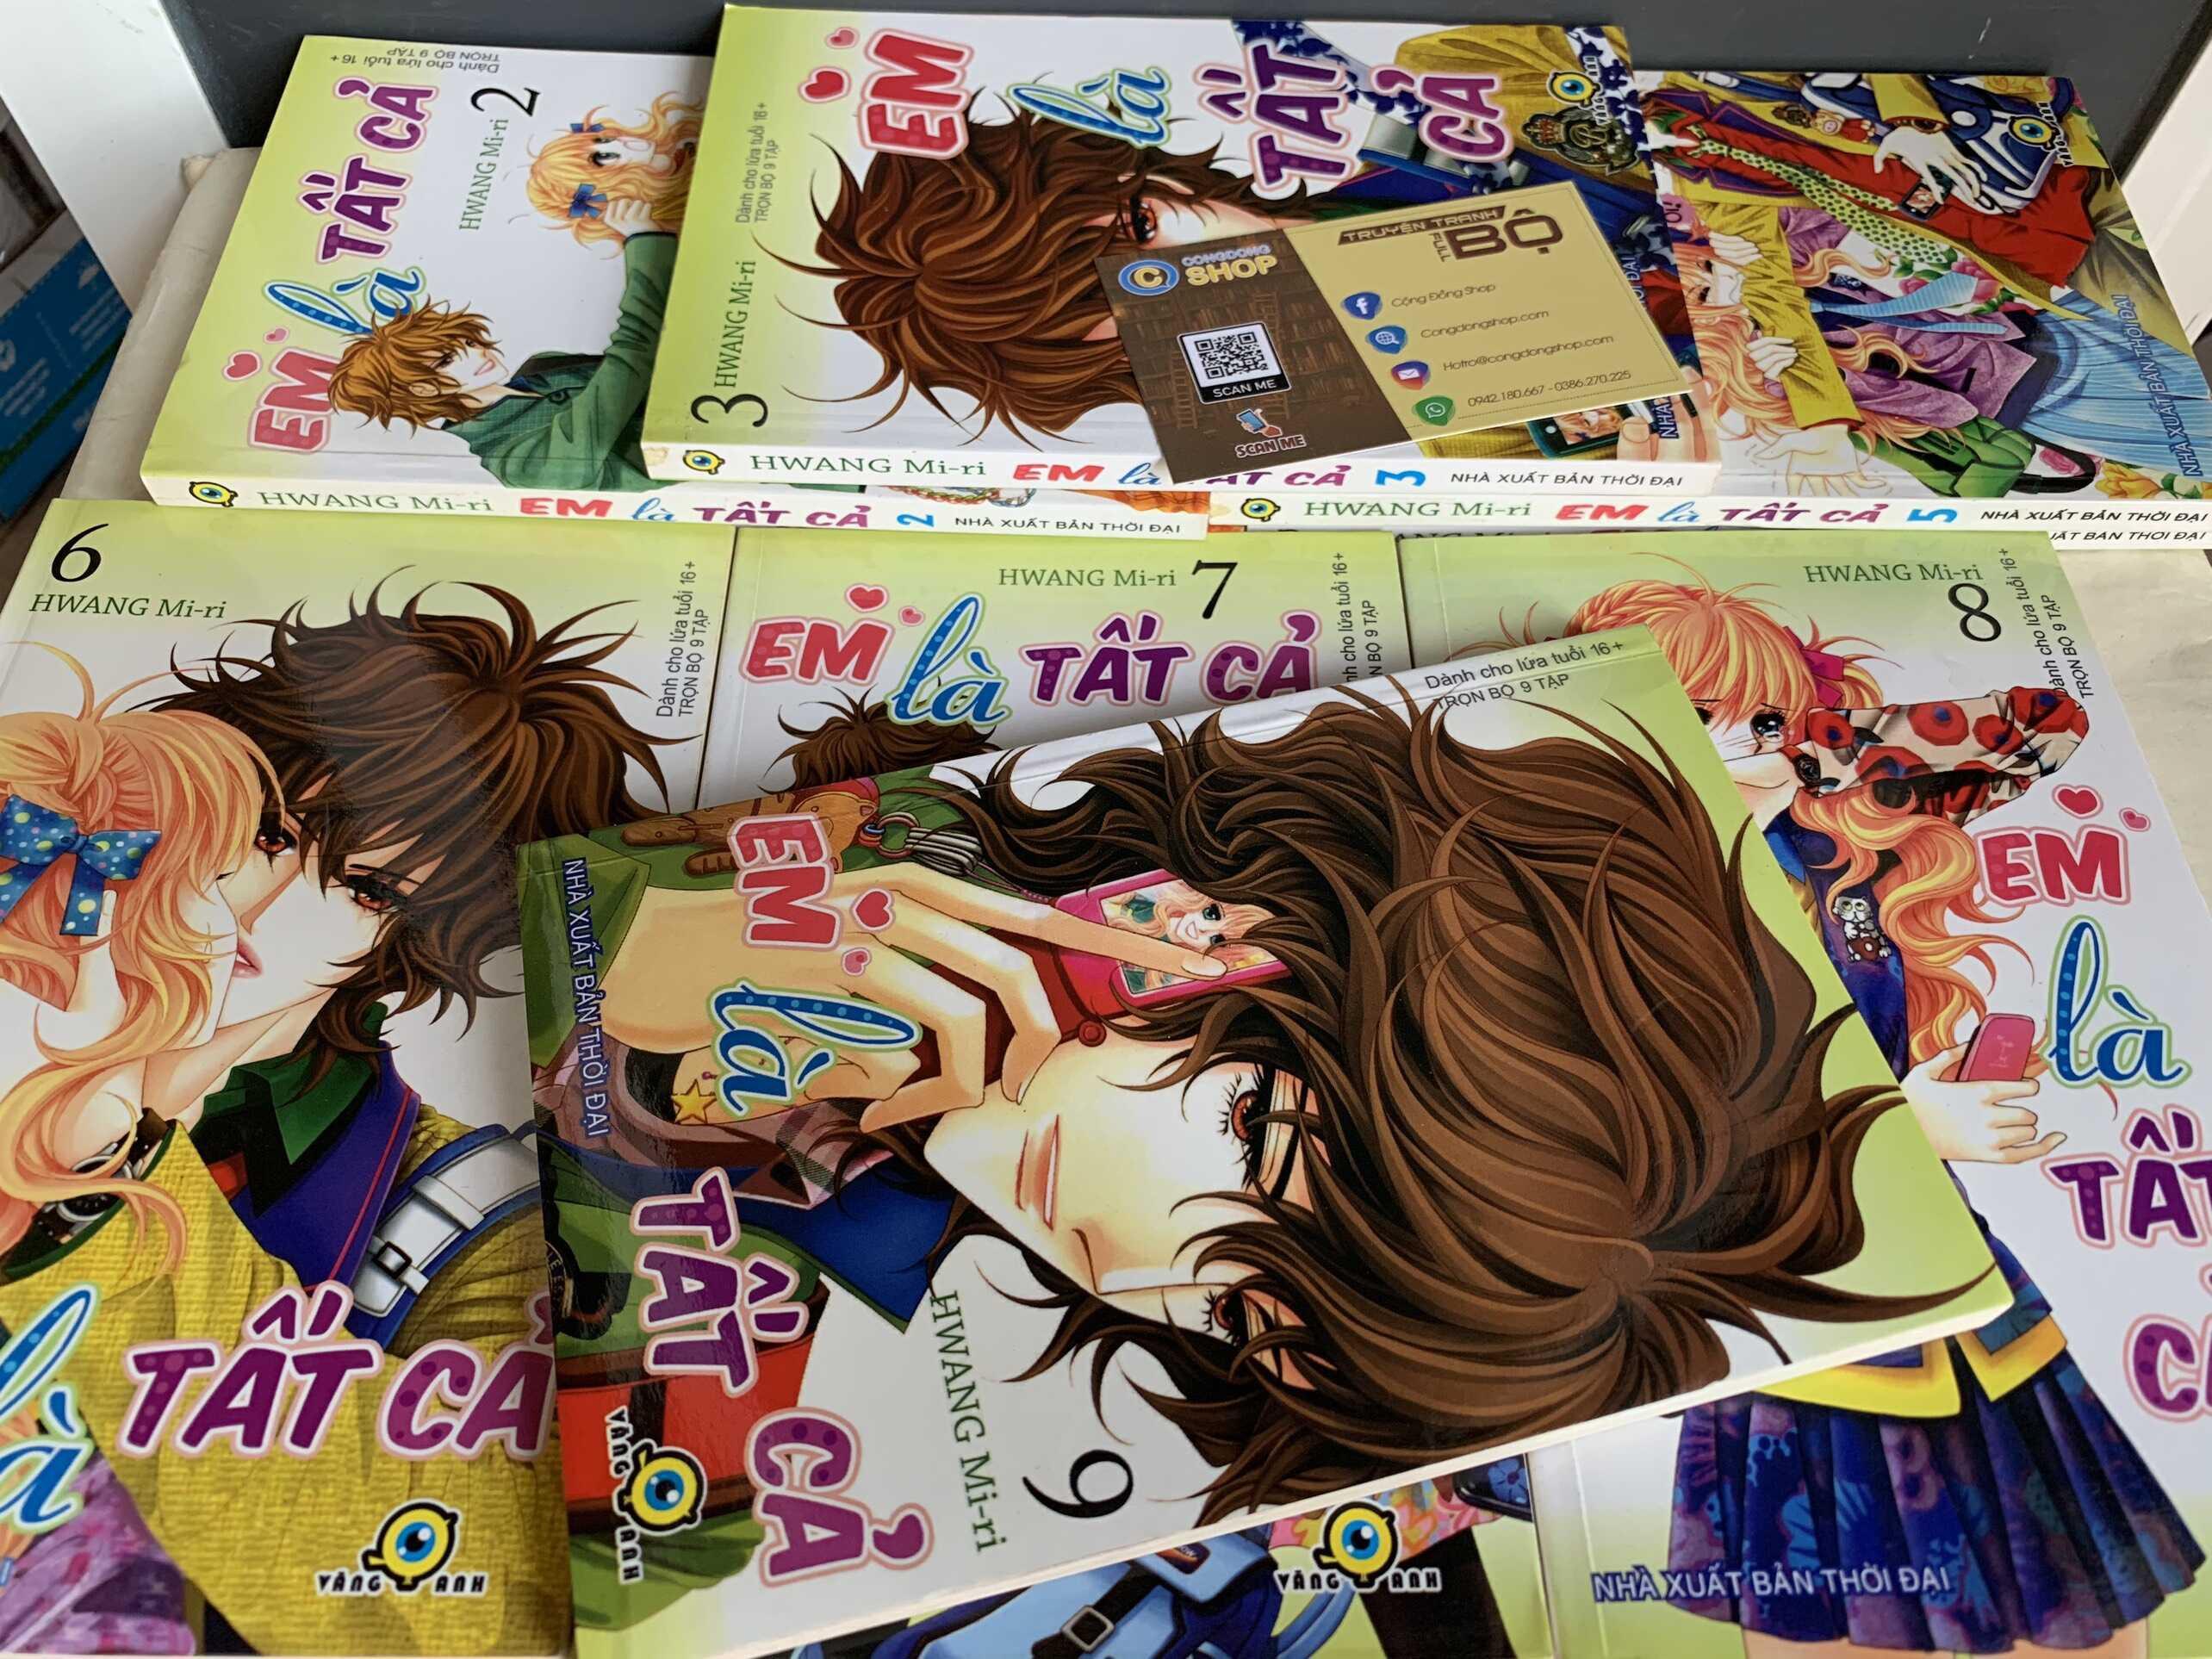 Truyện Em Là Tất Cả Full bộ giá rẻ | Congdongshop mua bán truyện tranh